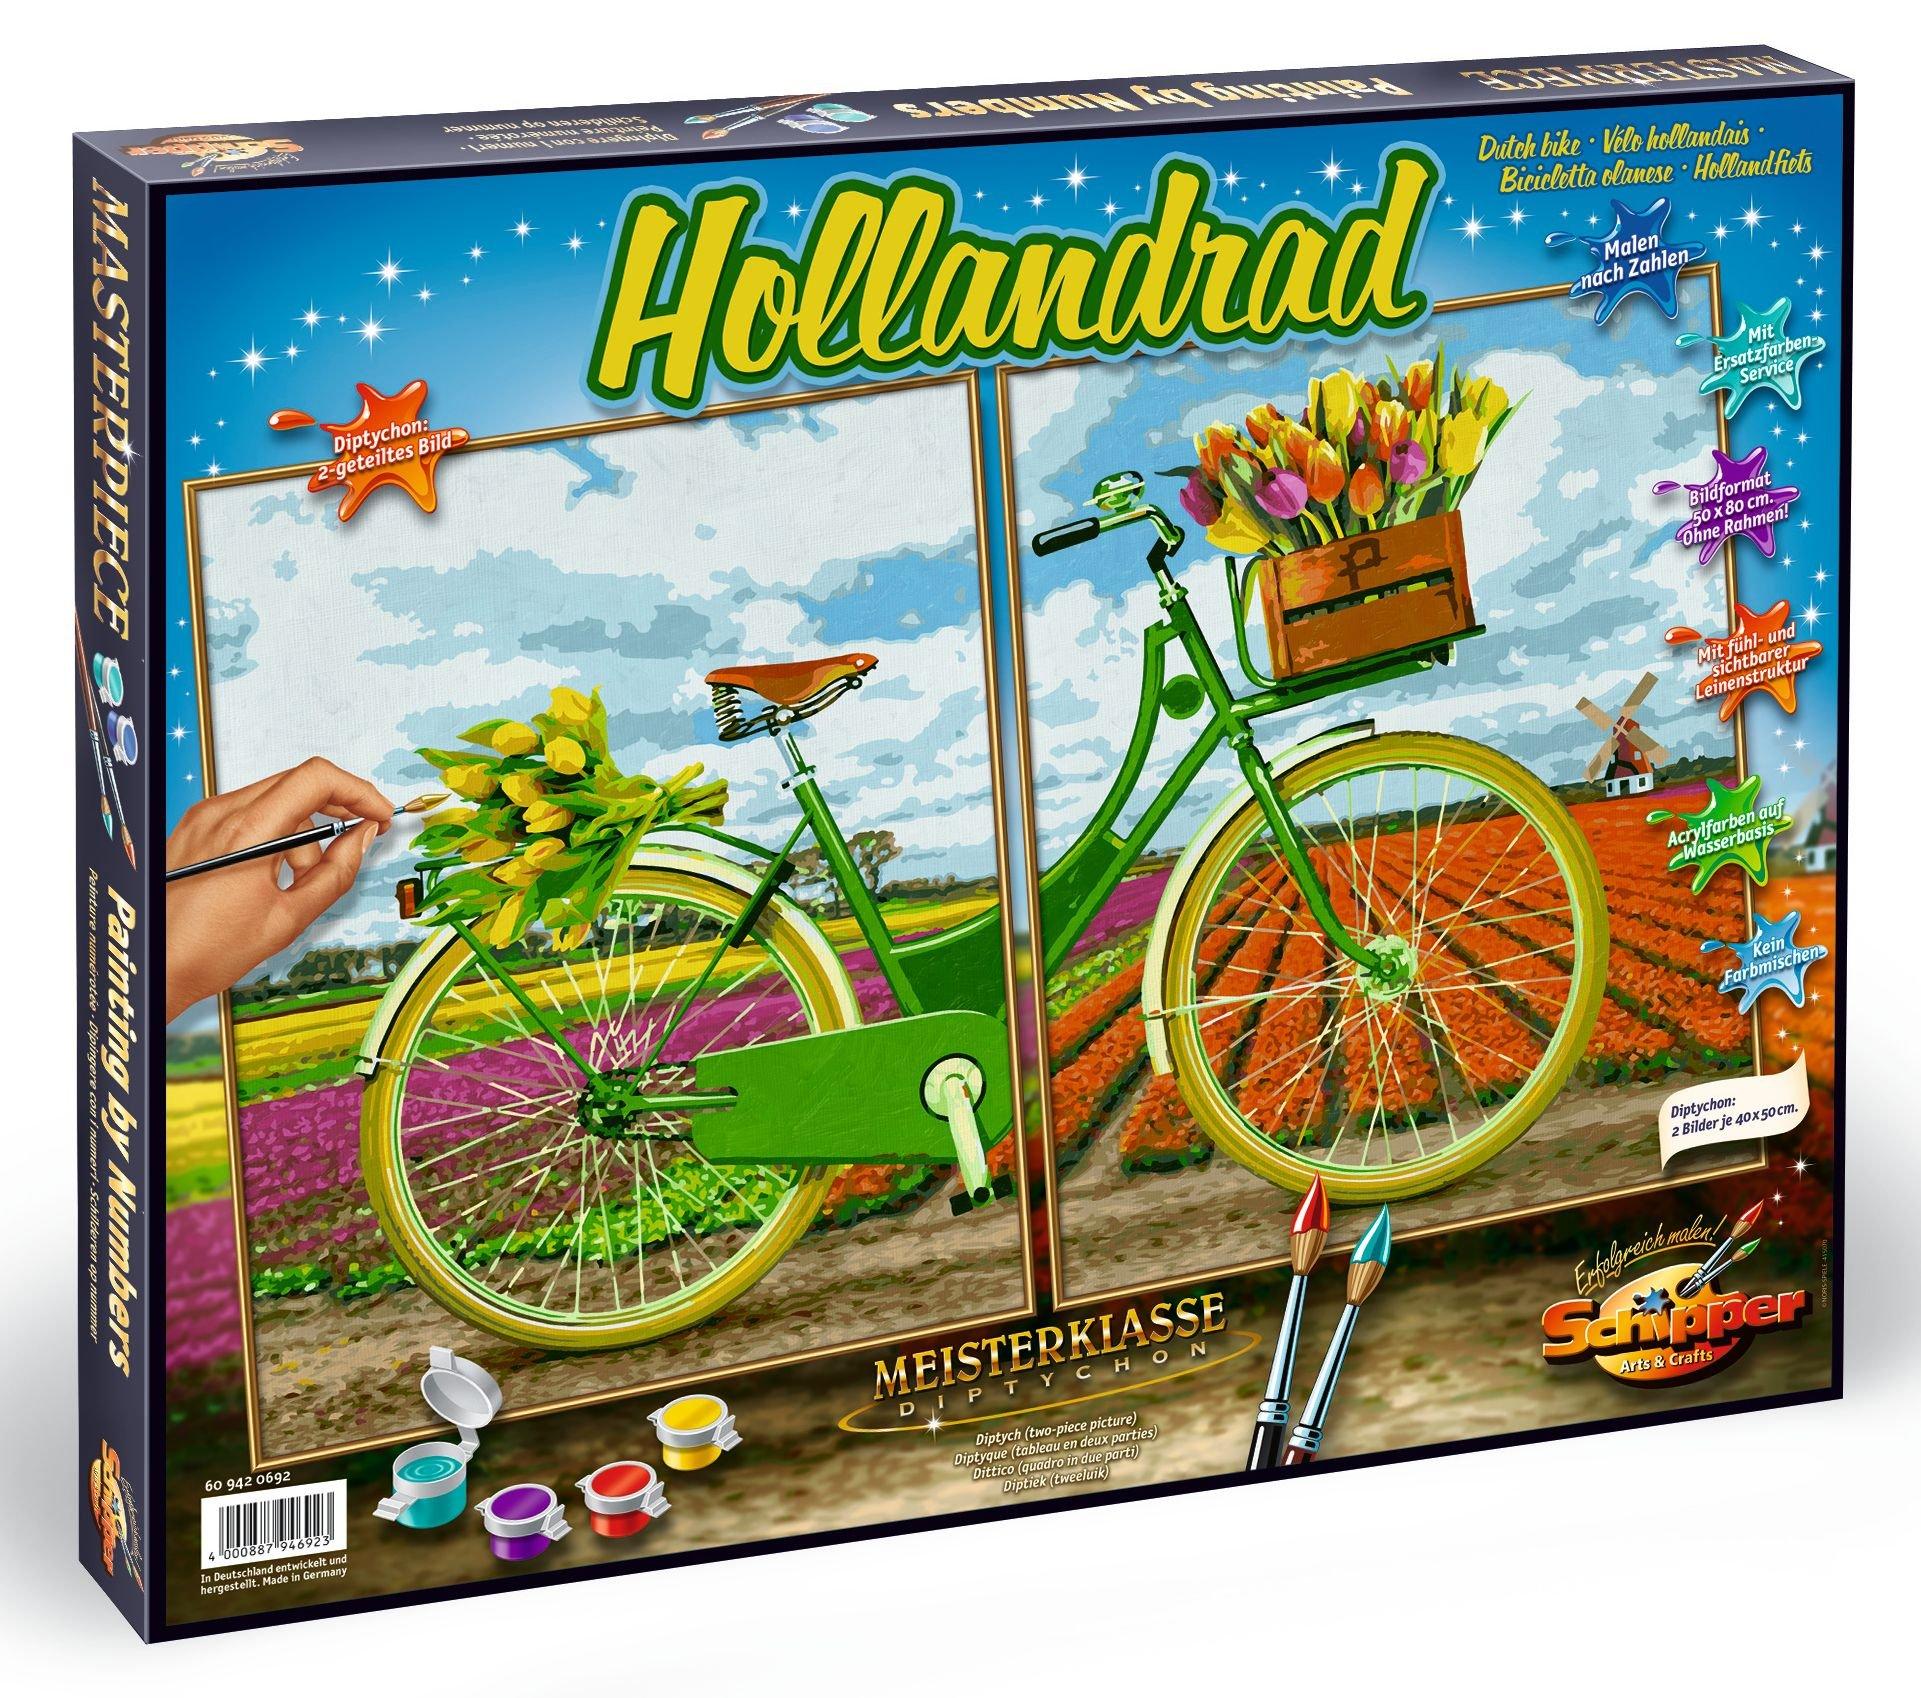 Schipper 609420692 Dutch Bike Paint by Numbers Board by Schipper